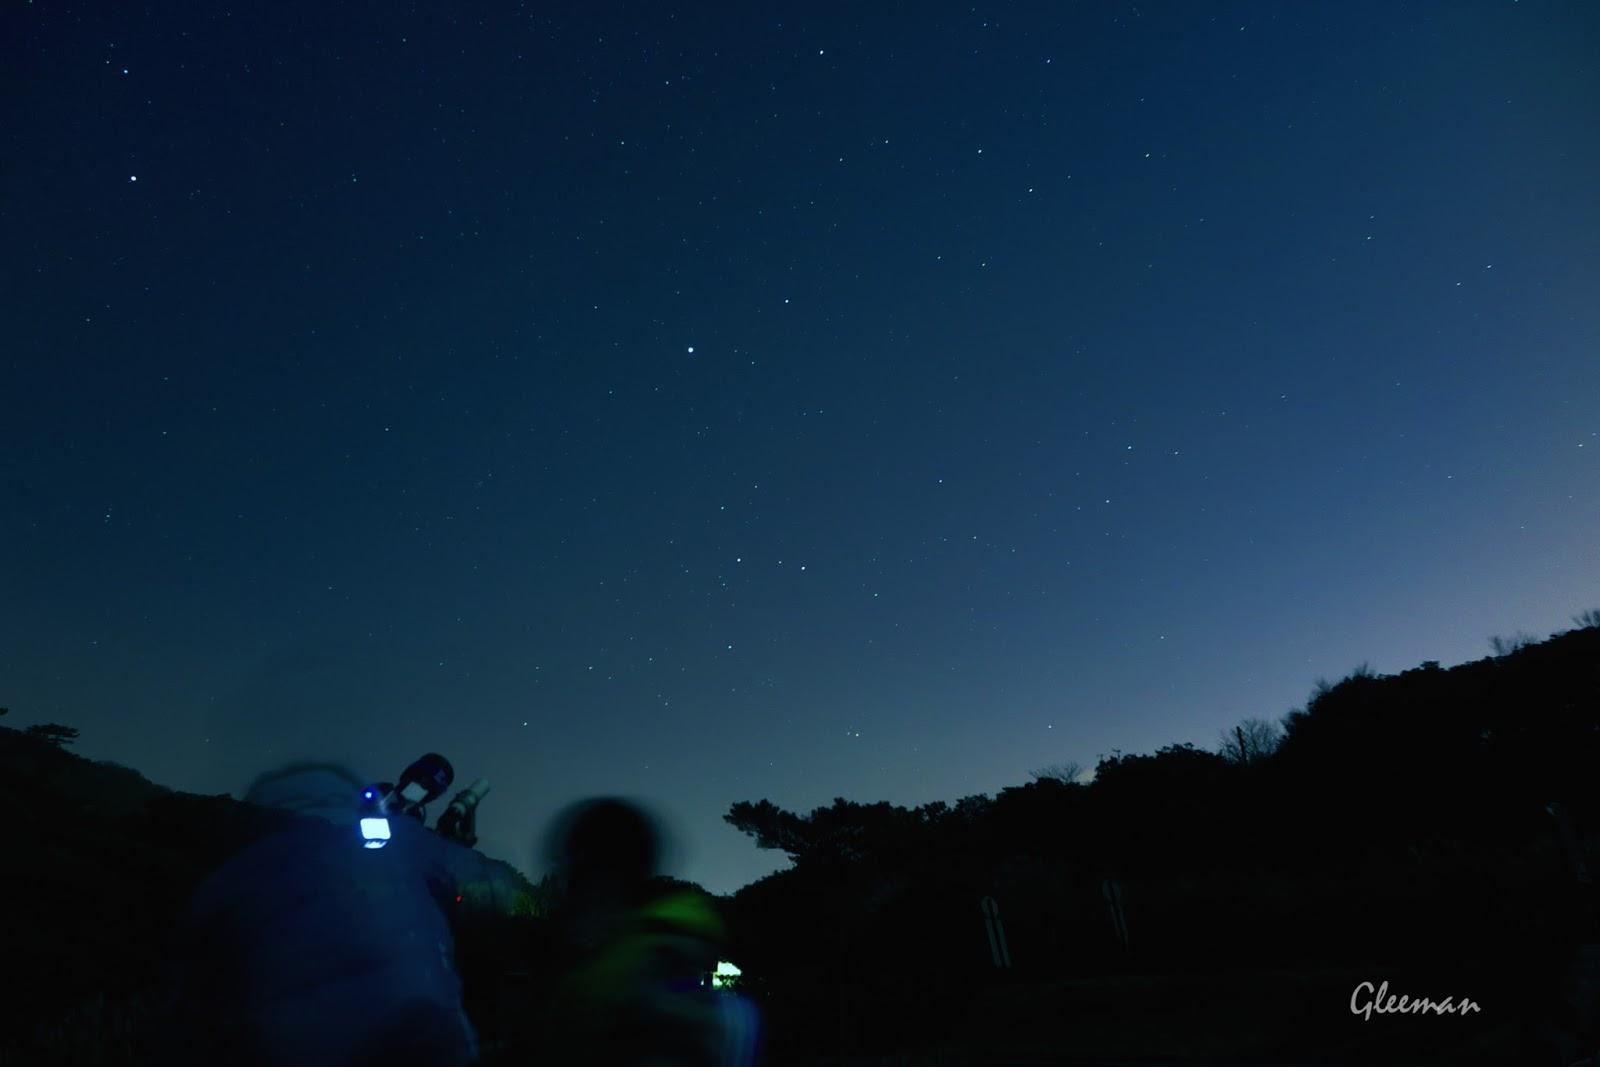 找星樂趣多,久了對星座的輪廓與相對位置的印象也會很深刻